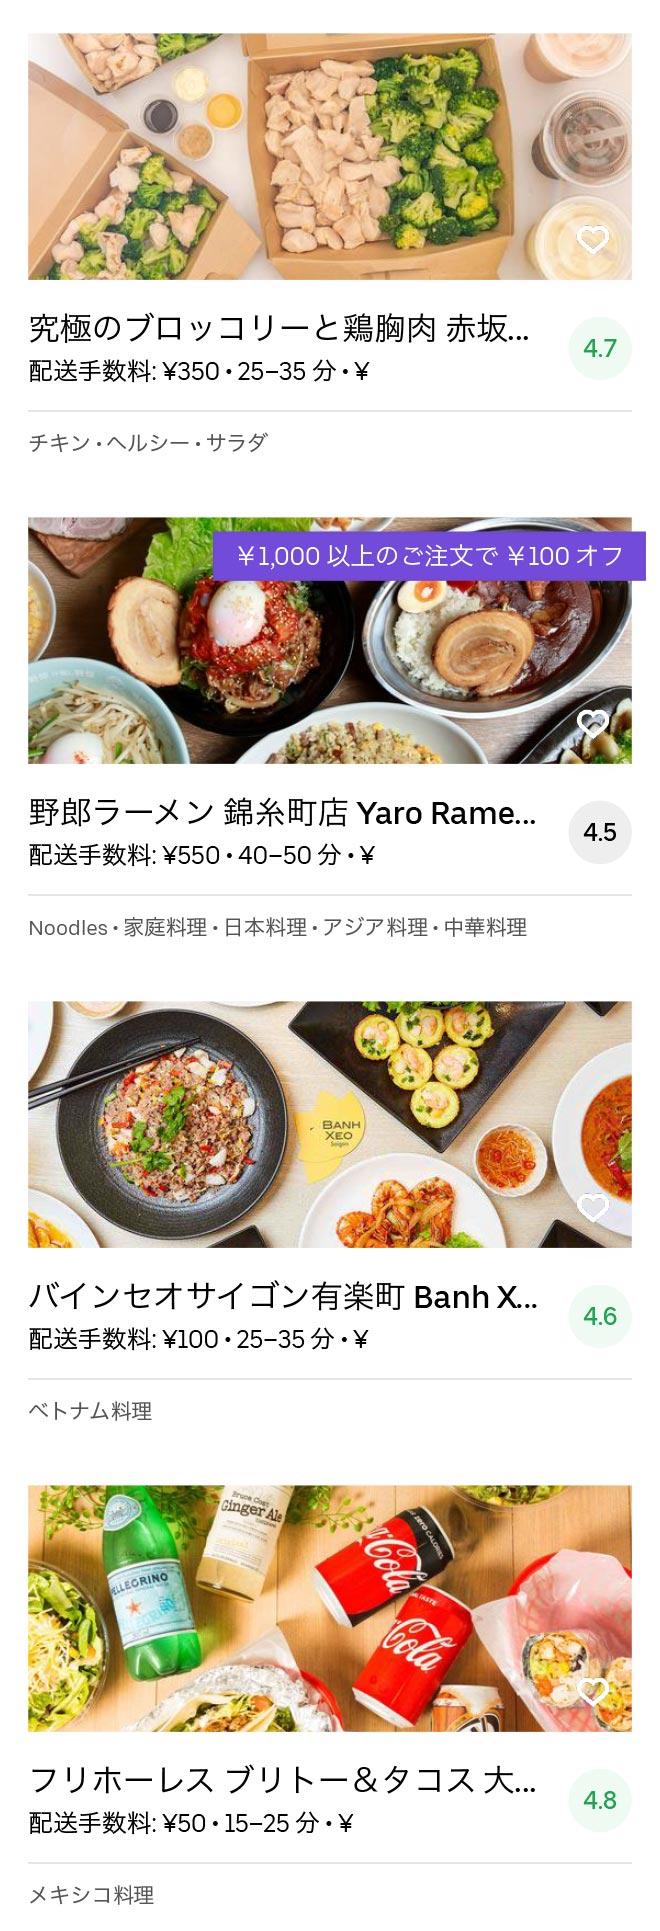 Tokyo otemachi menu 2005 08